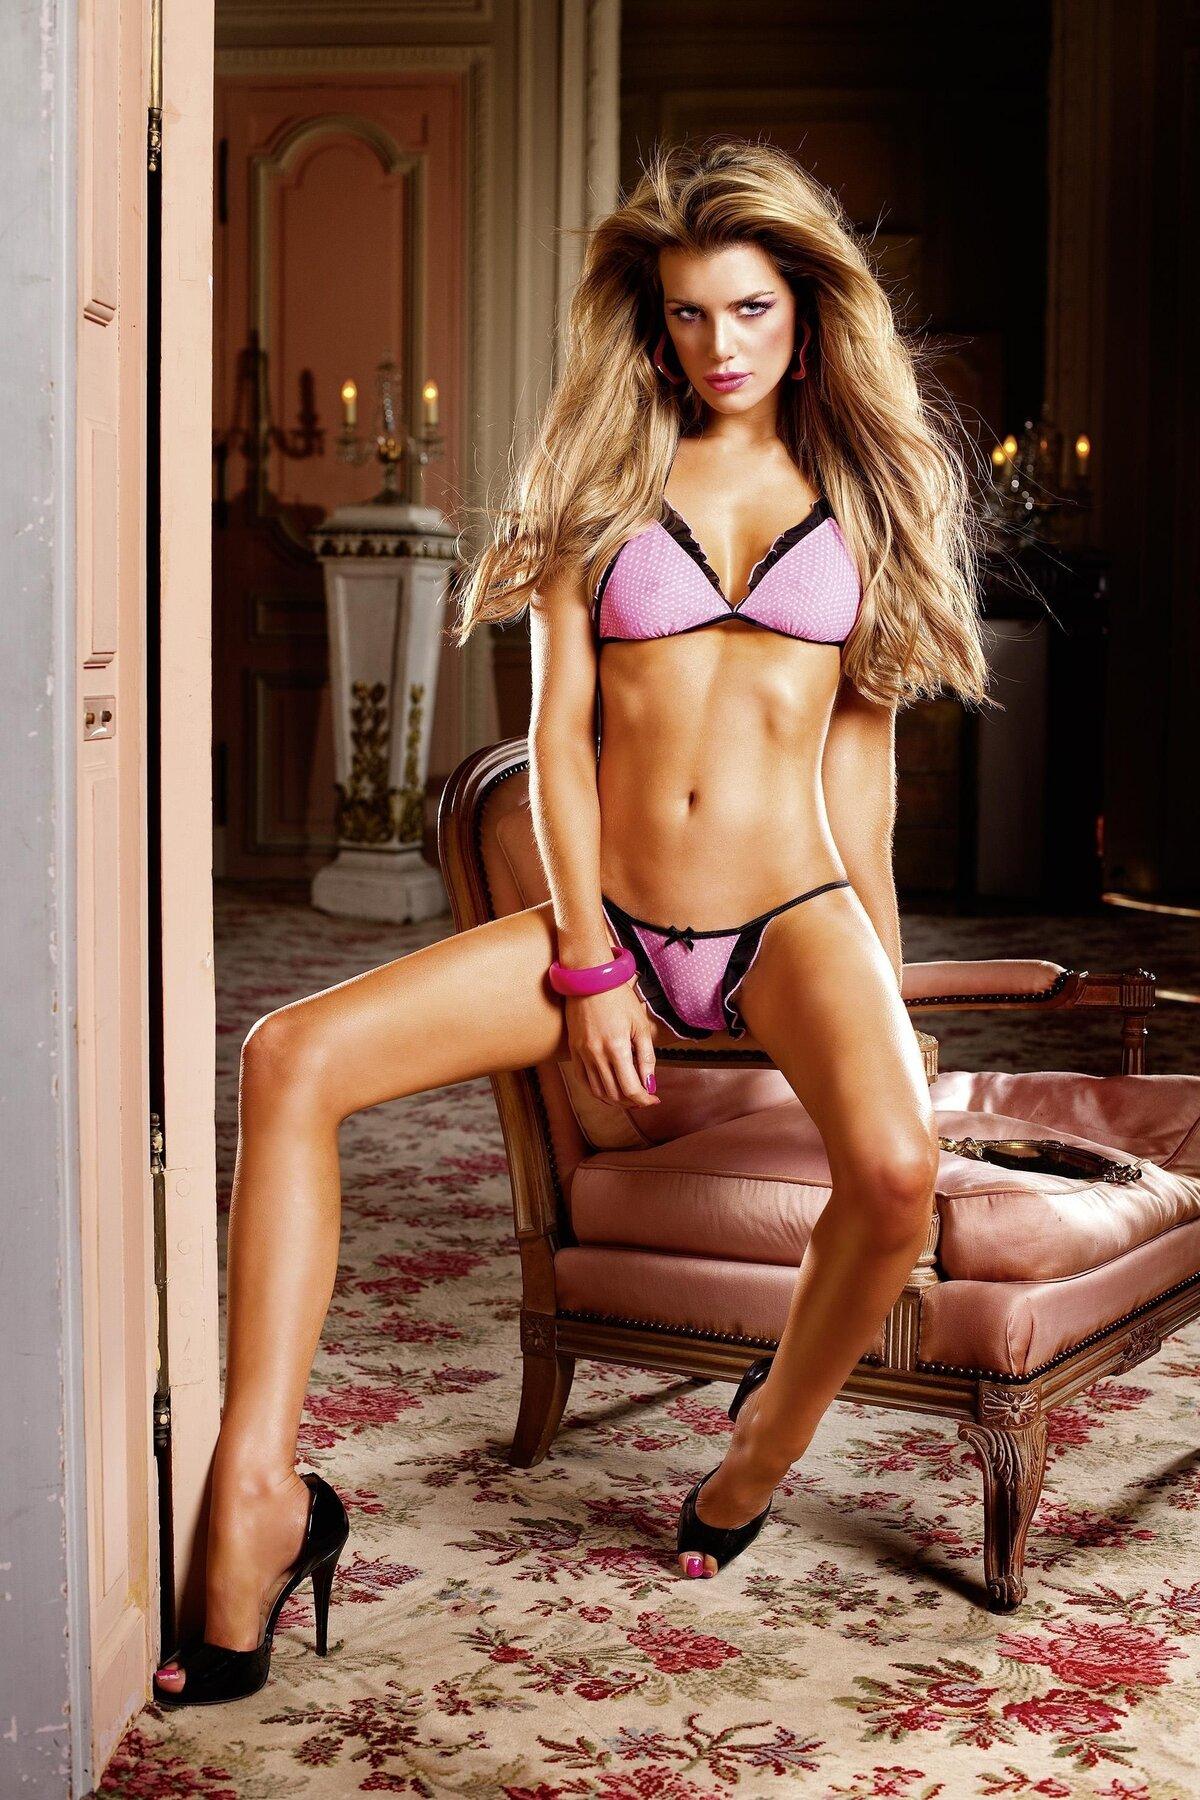 Лучшие эро модели россии, огромные сиськи в сперме смотреть онлайн